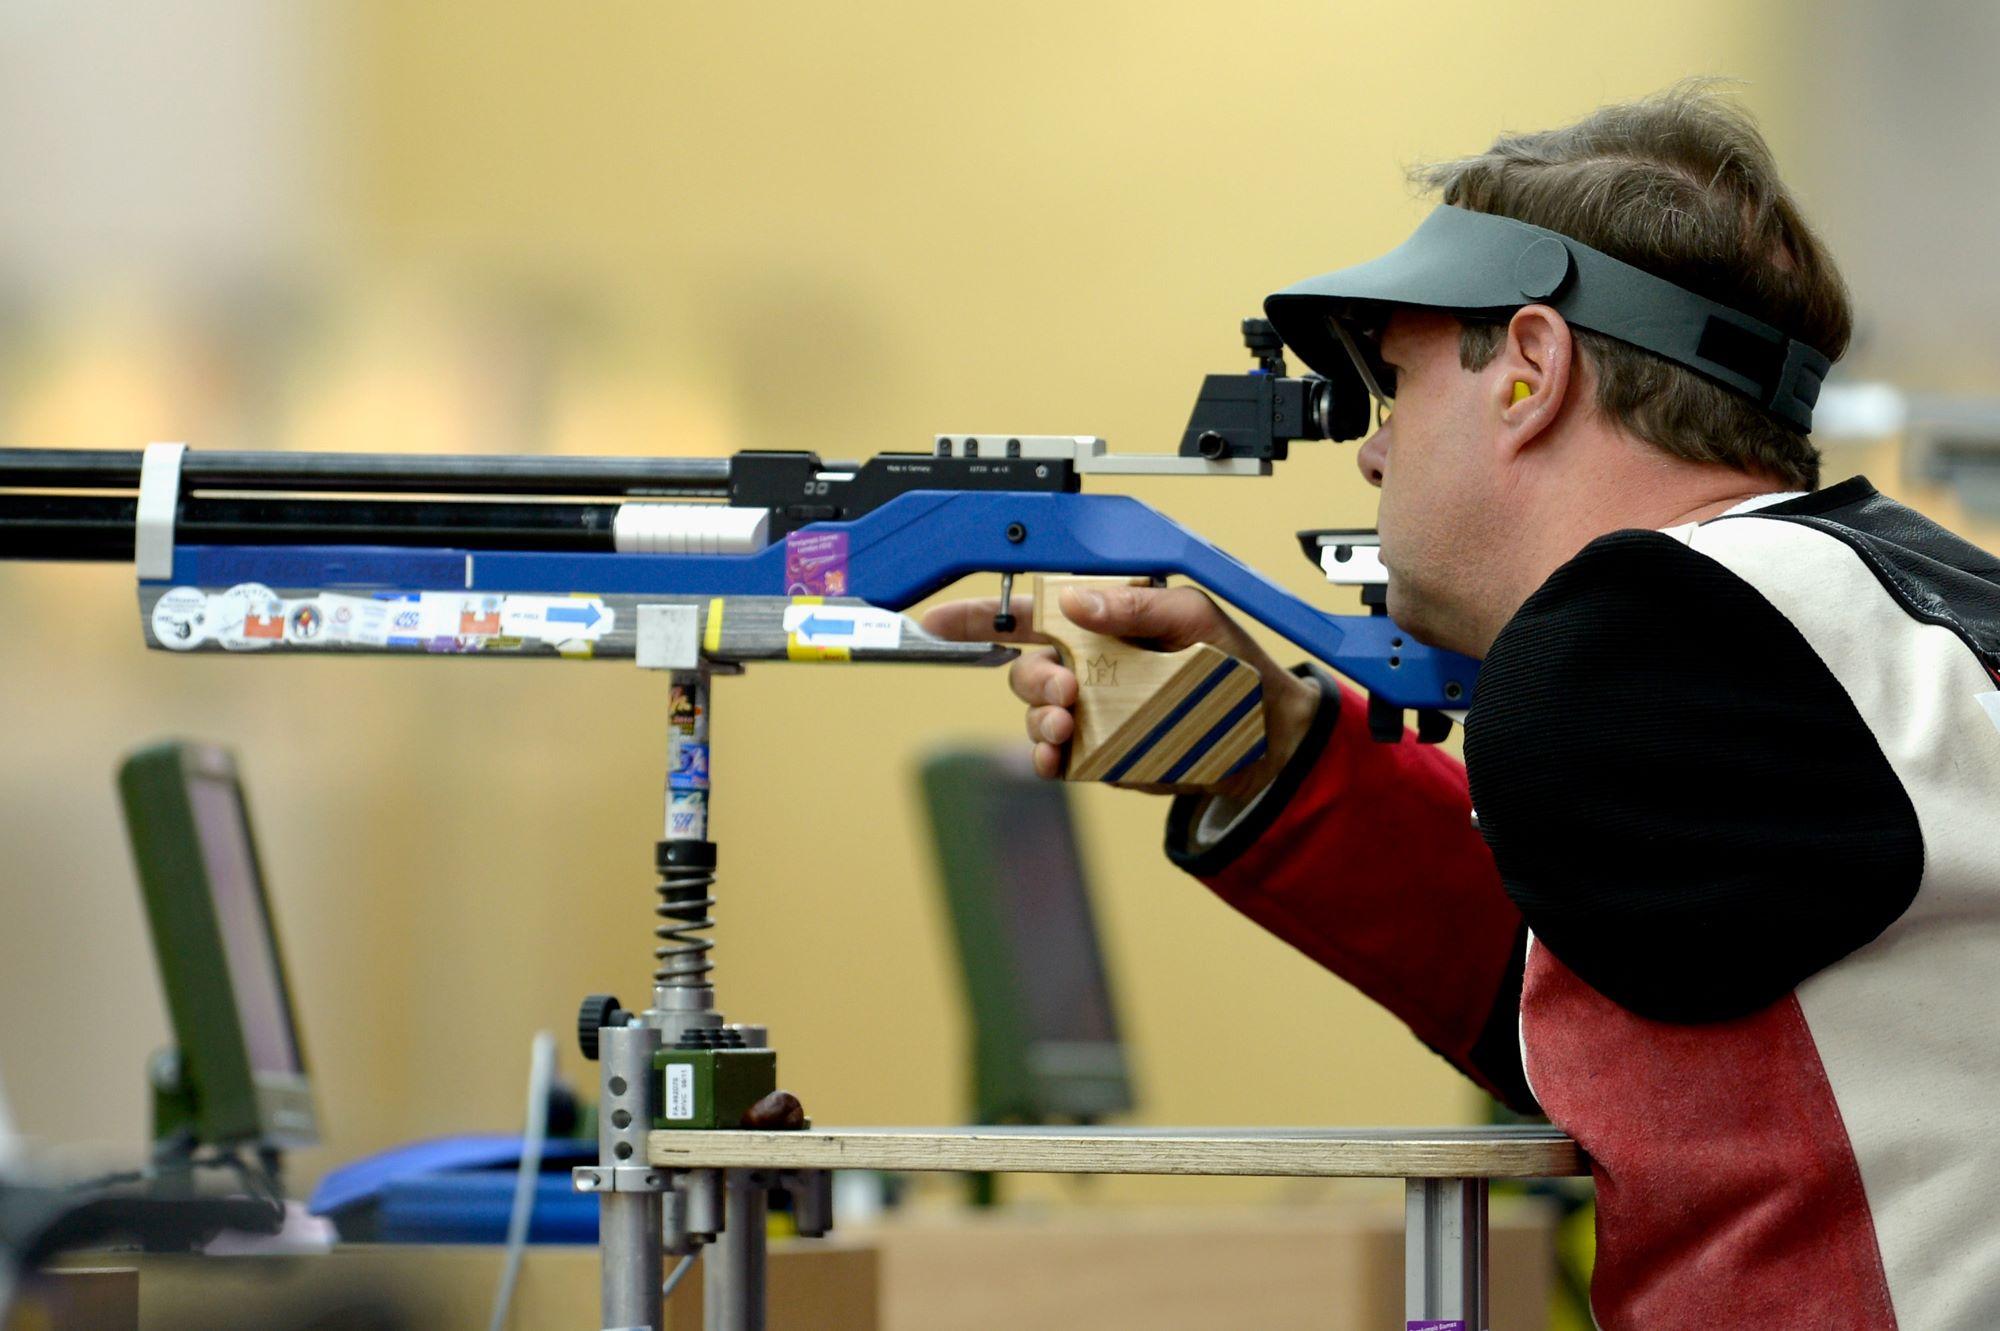 Para athlète amputé du bras gauche s'apprête à tirer avec son arme